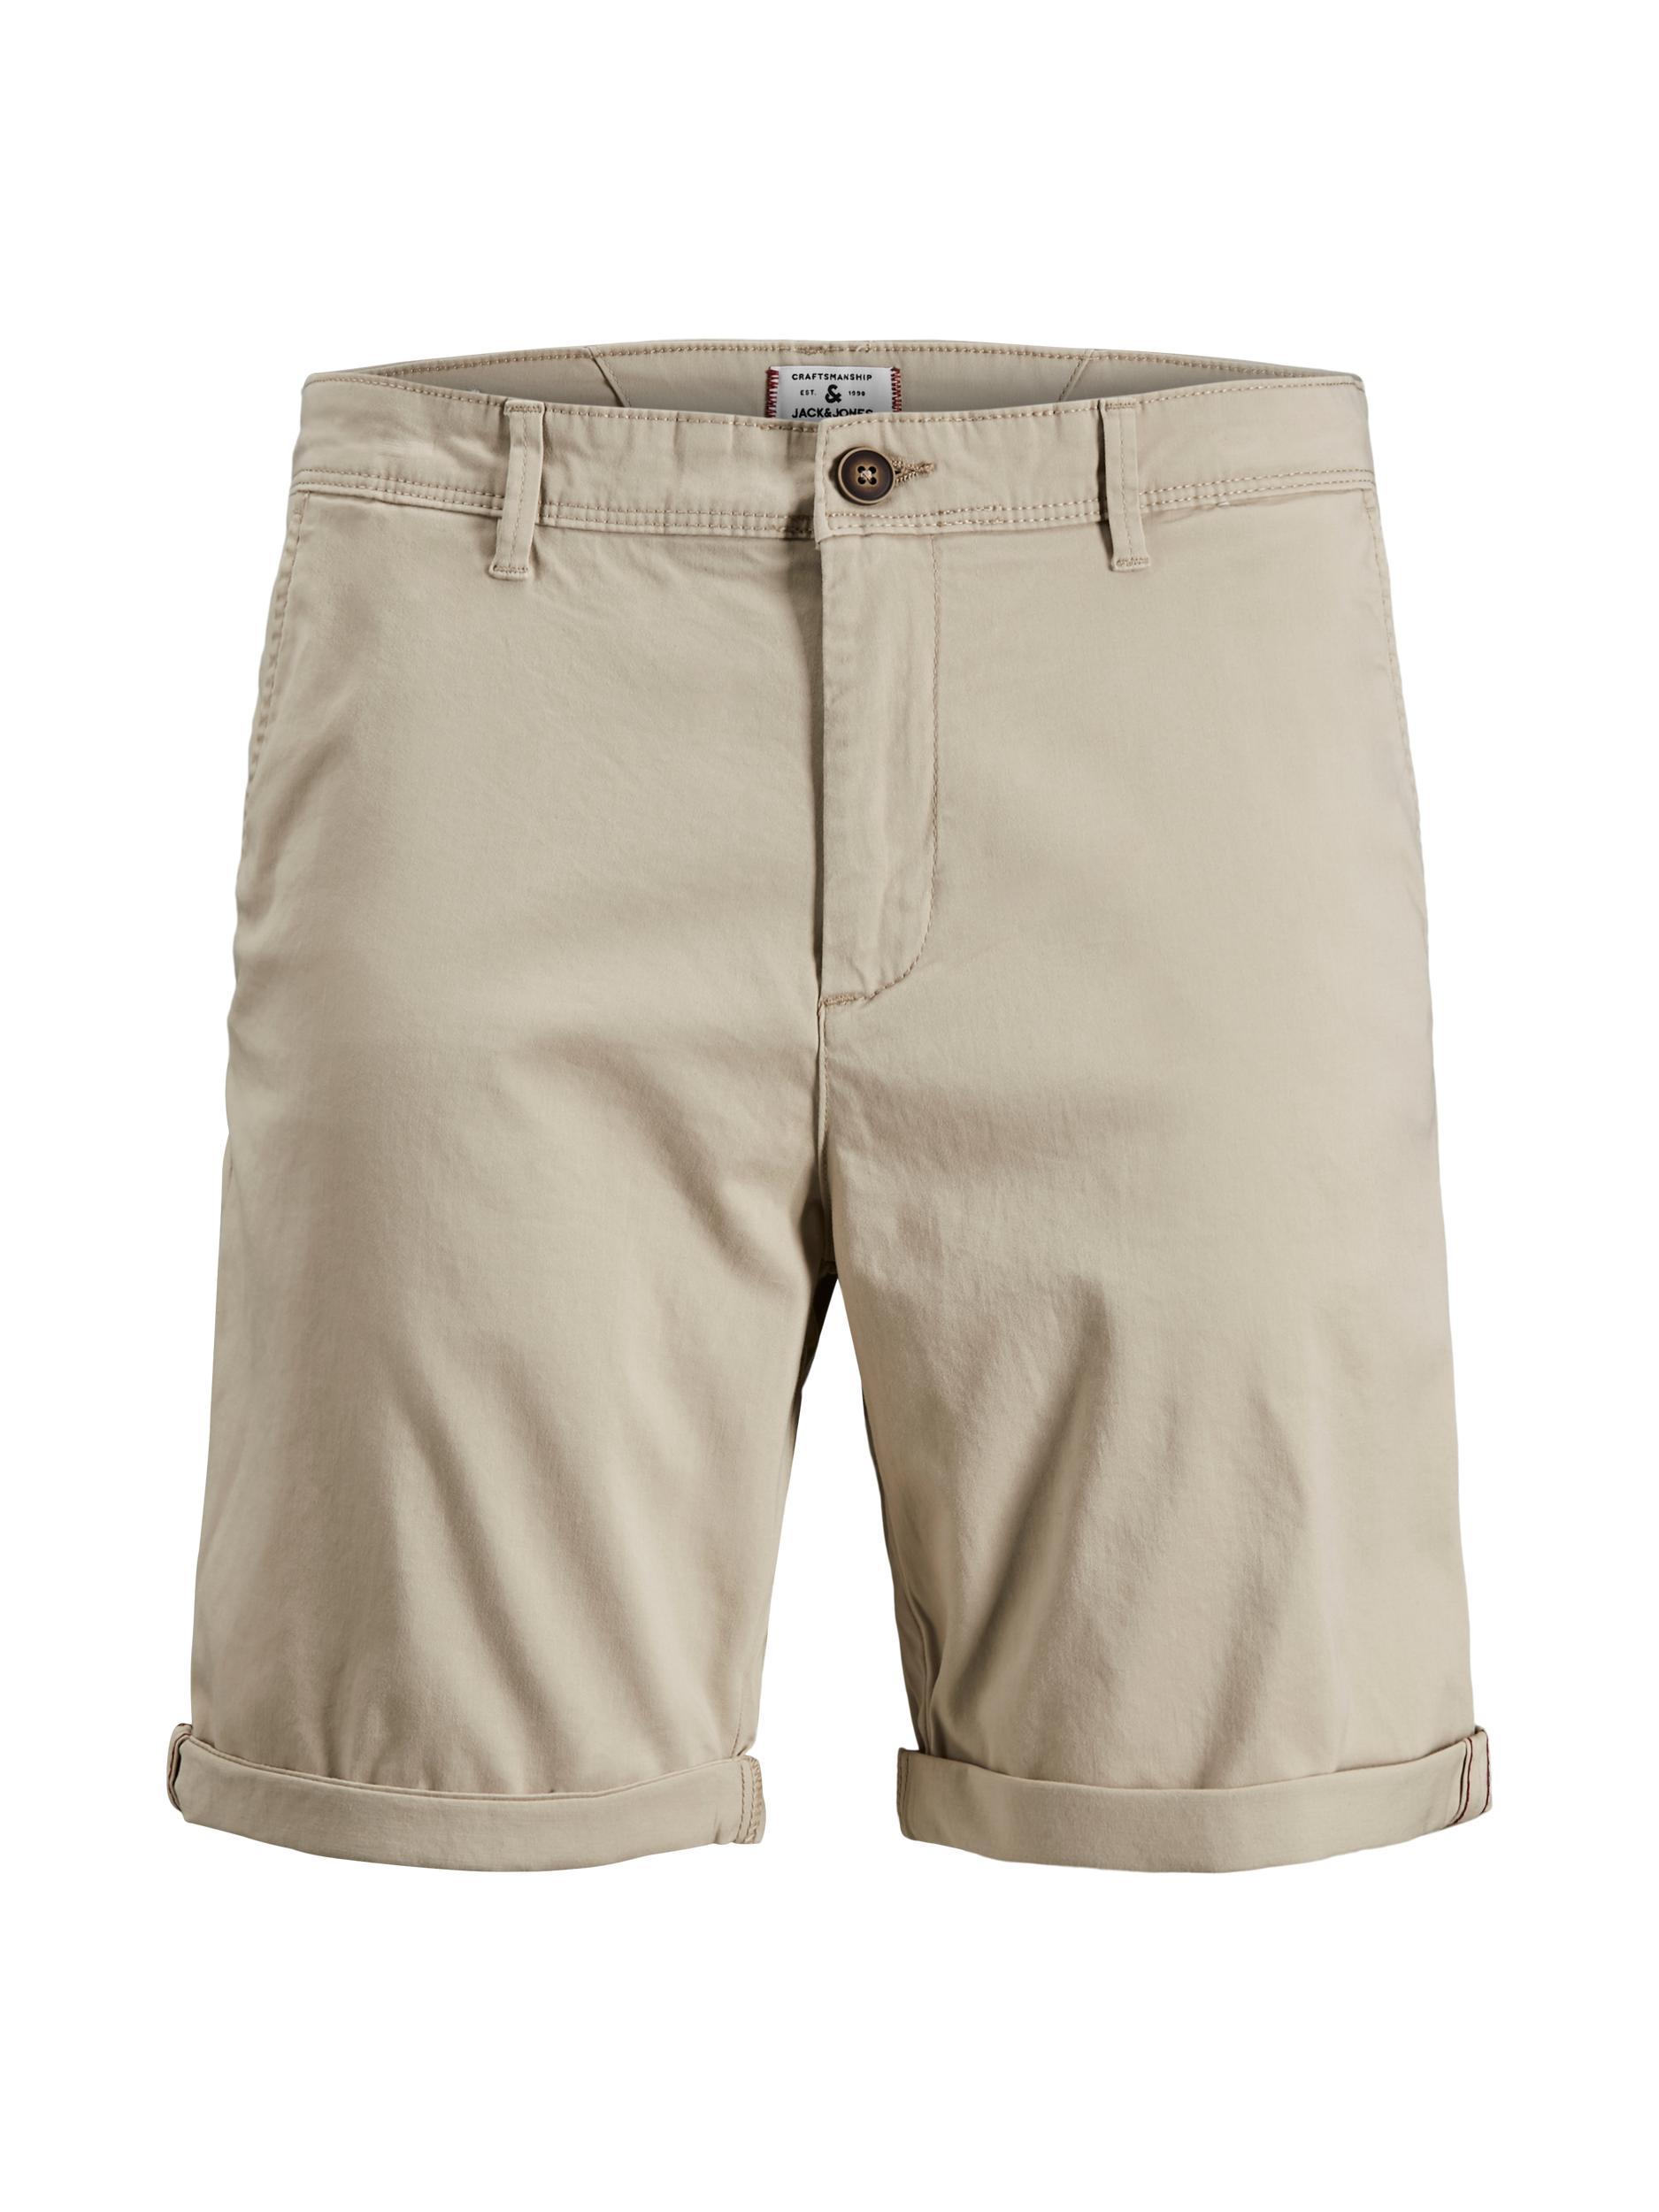 Jack & Jones Bowie shorts